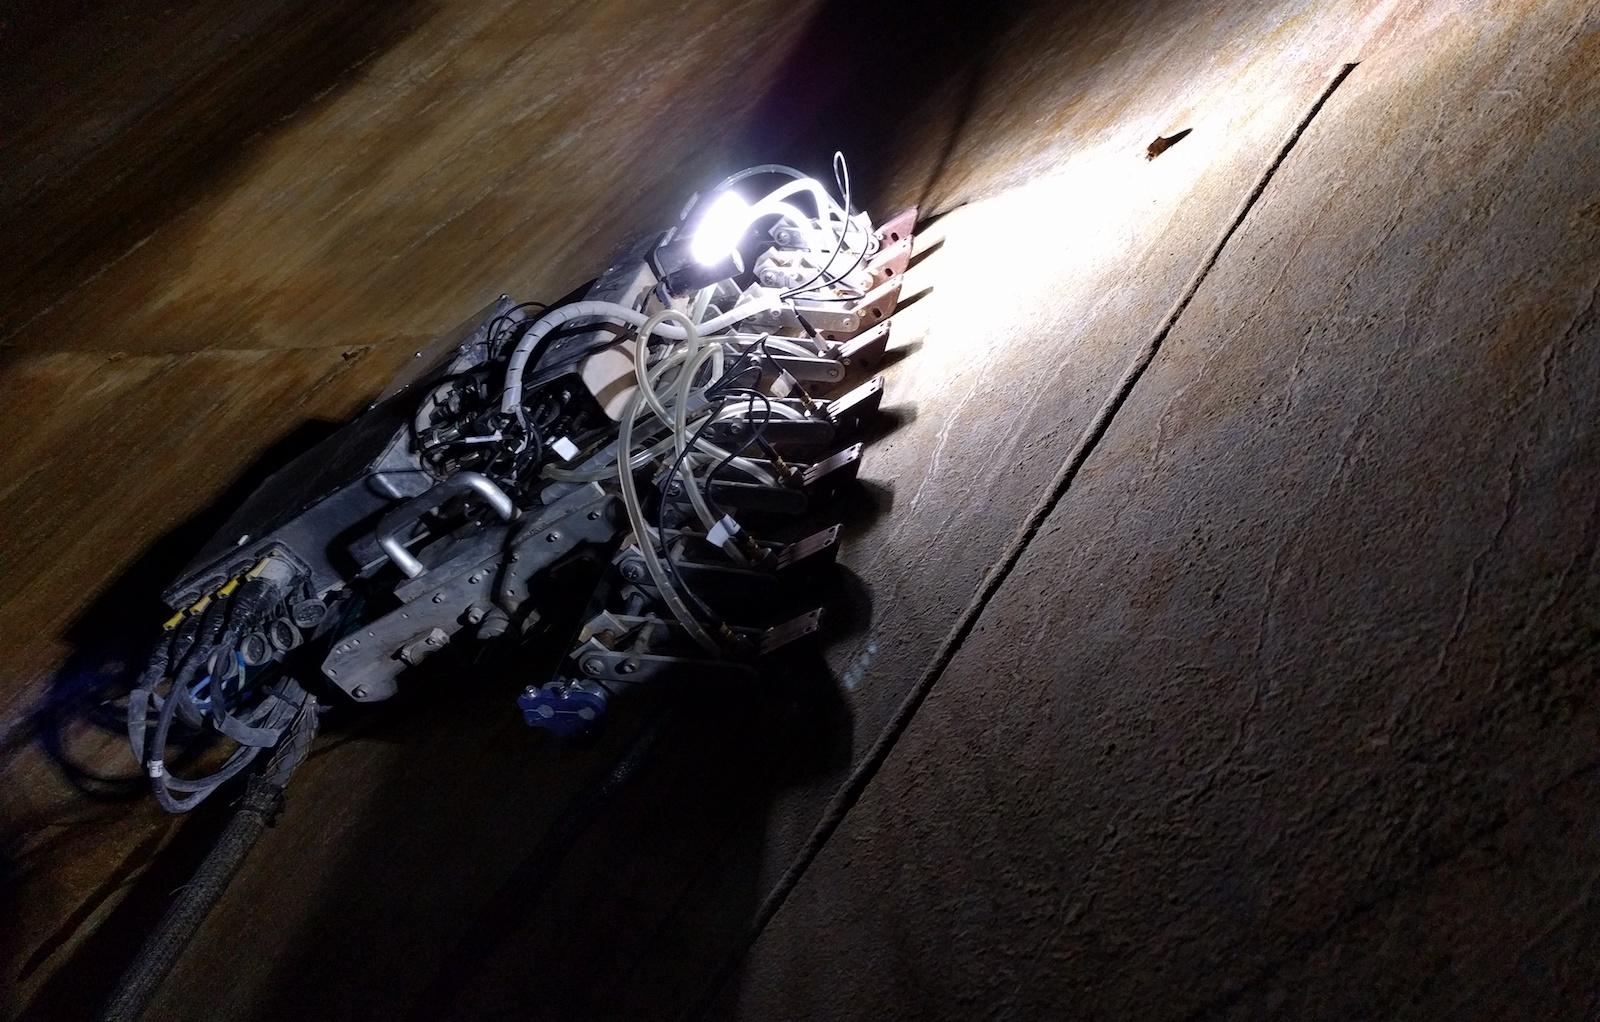 Roboti lezoucí po stěnách zvyšují bezpečnost při kontrole průmyslových nádrží